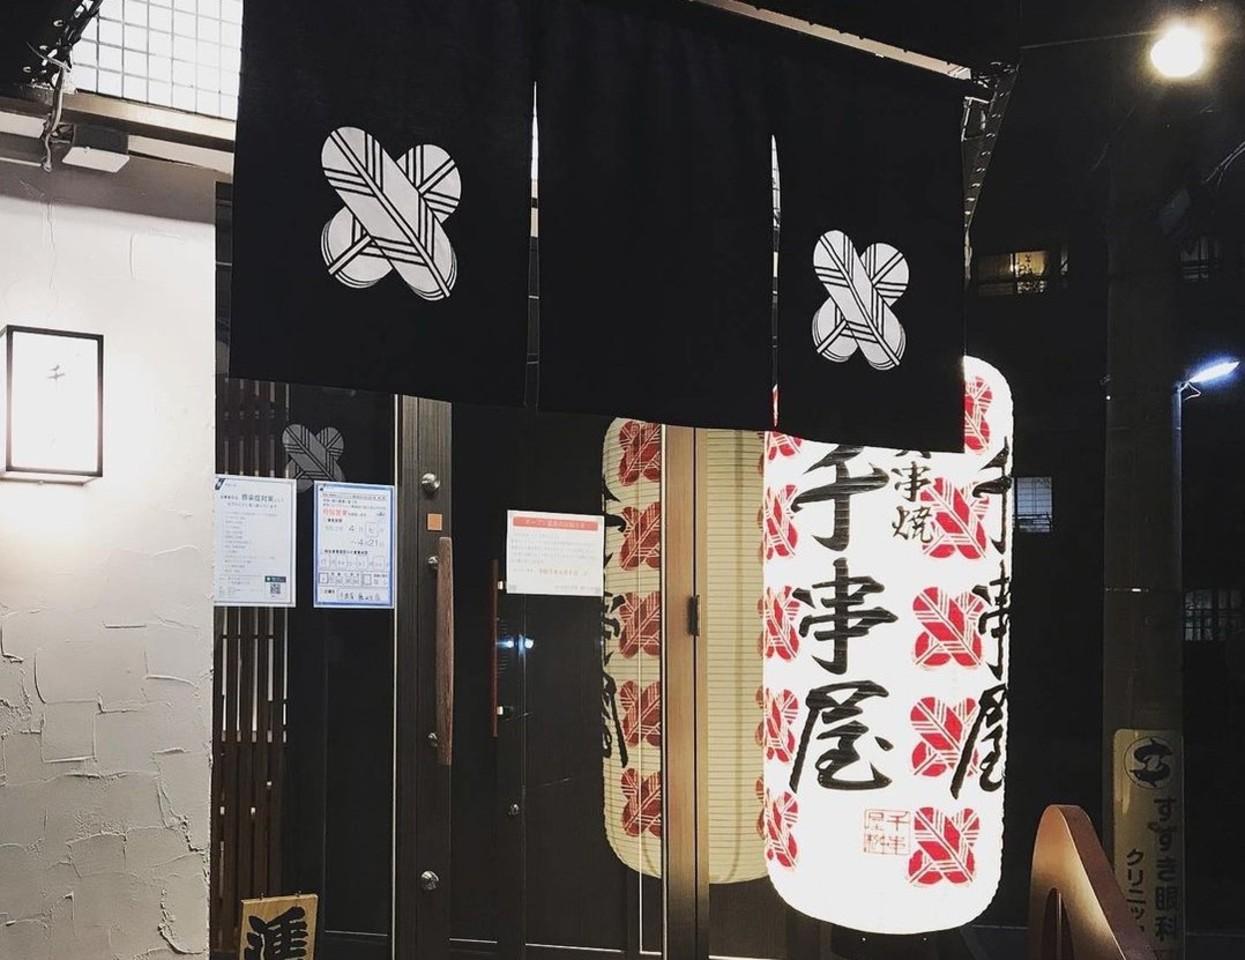 神奈川県横浜市青葉区藤が丘2丁目に「千串屋藤が丘店」が4/6グランドオープンされたようです。